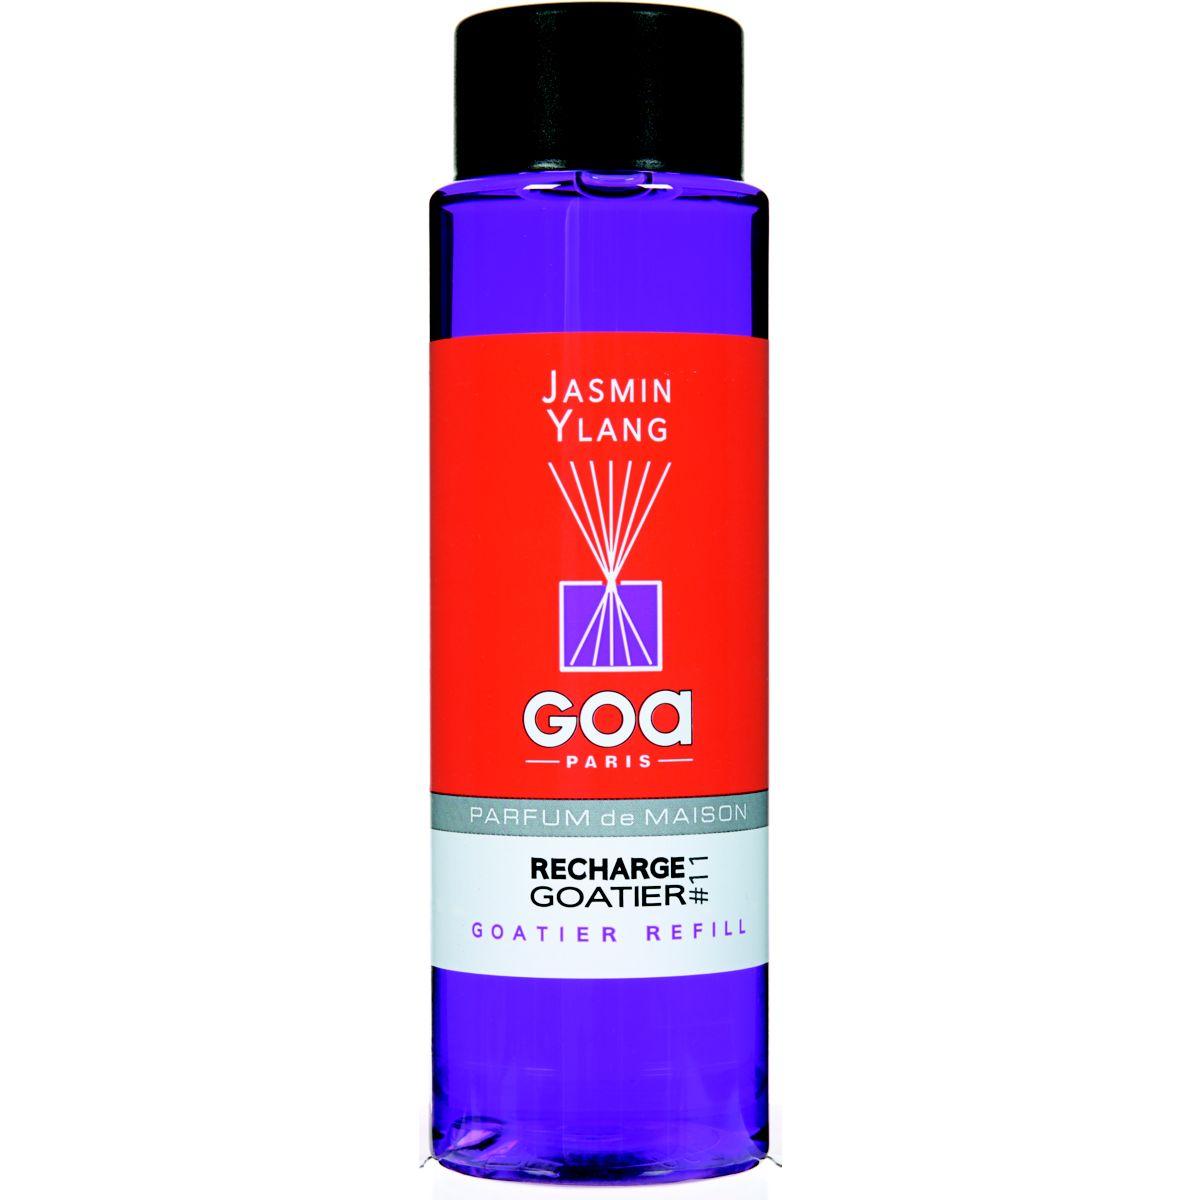 Goa recharge jasmin ylang 250ml pour goatier - 7% de remise immédiate avec le code : cool7 (photo)